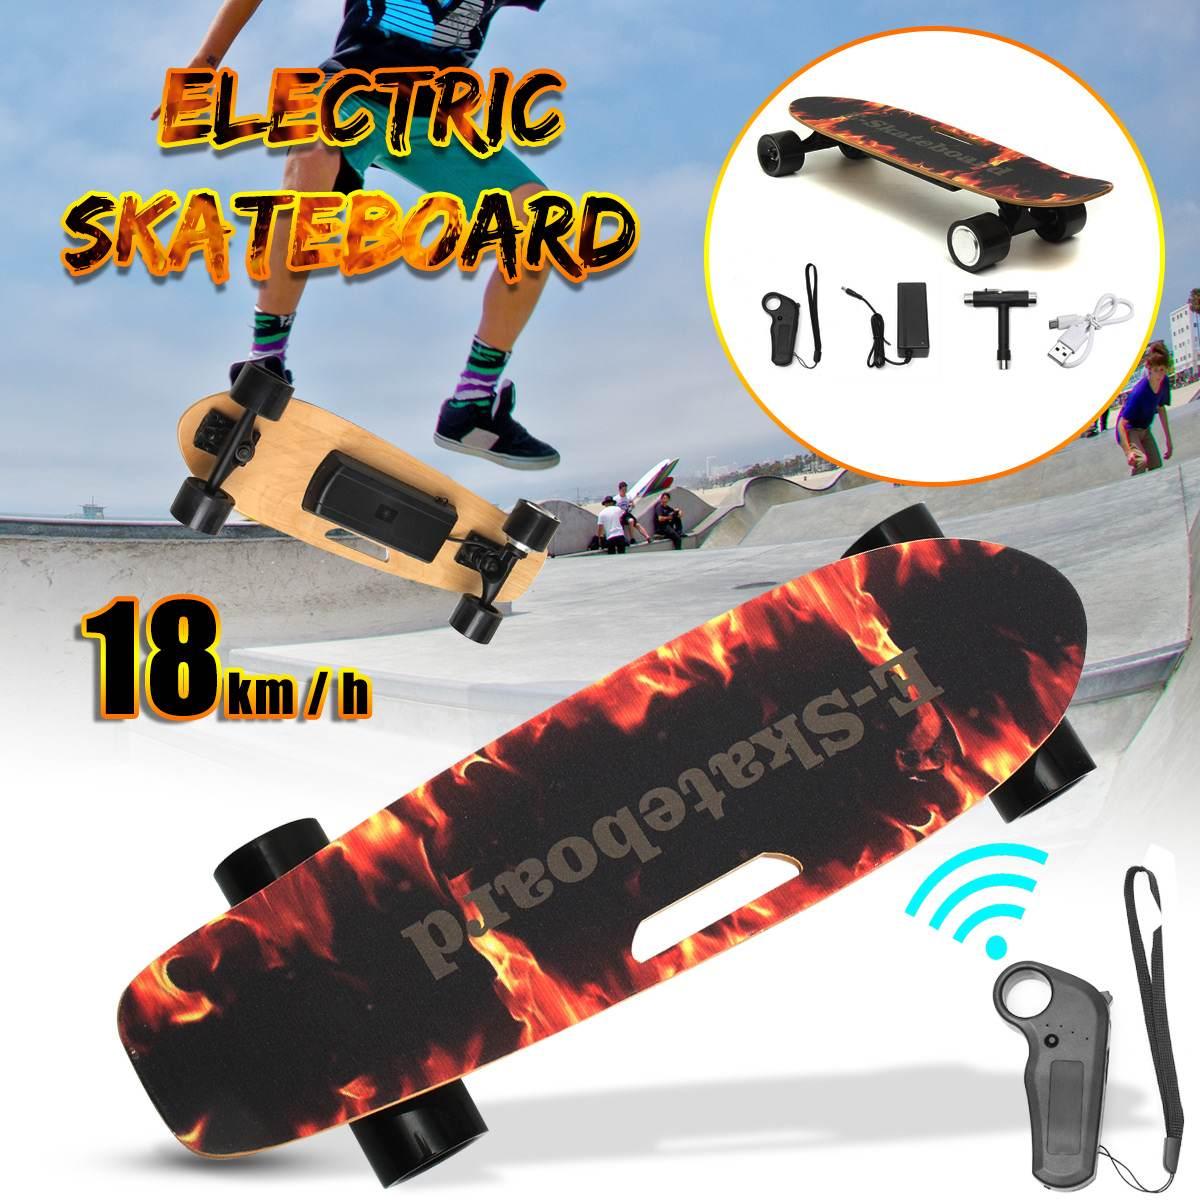 Электрический скейтборд четырехколесный Лонгборд скейтборд клен палуба беспроводной пульт дистанционного управления для взрослых детей